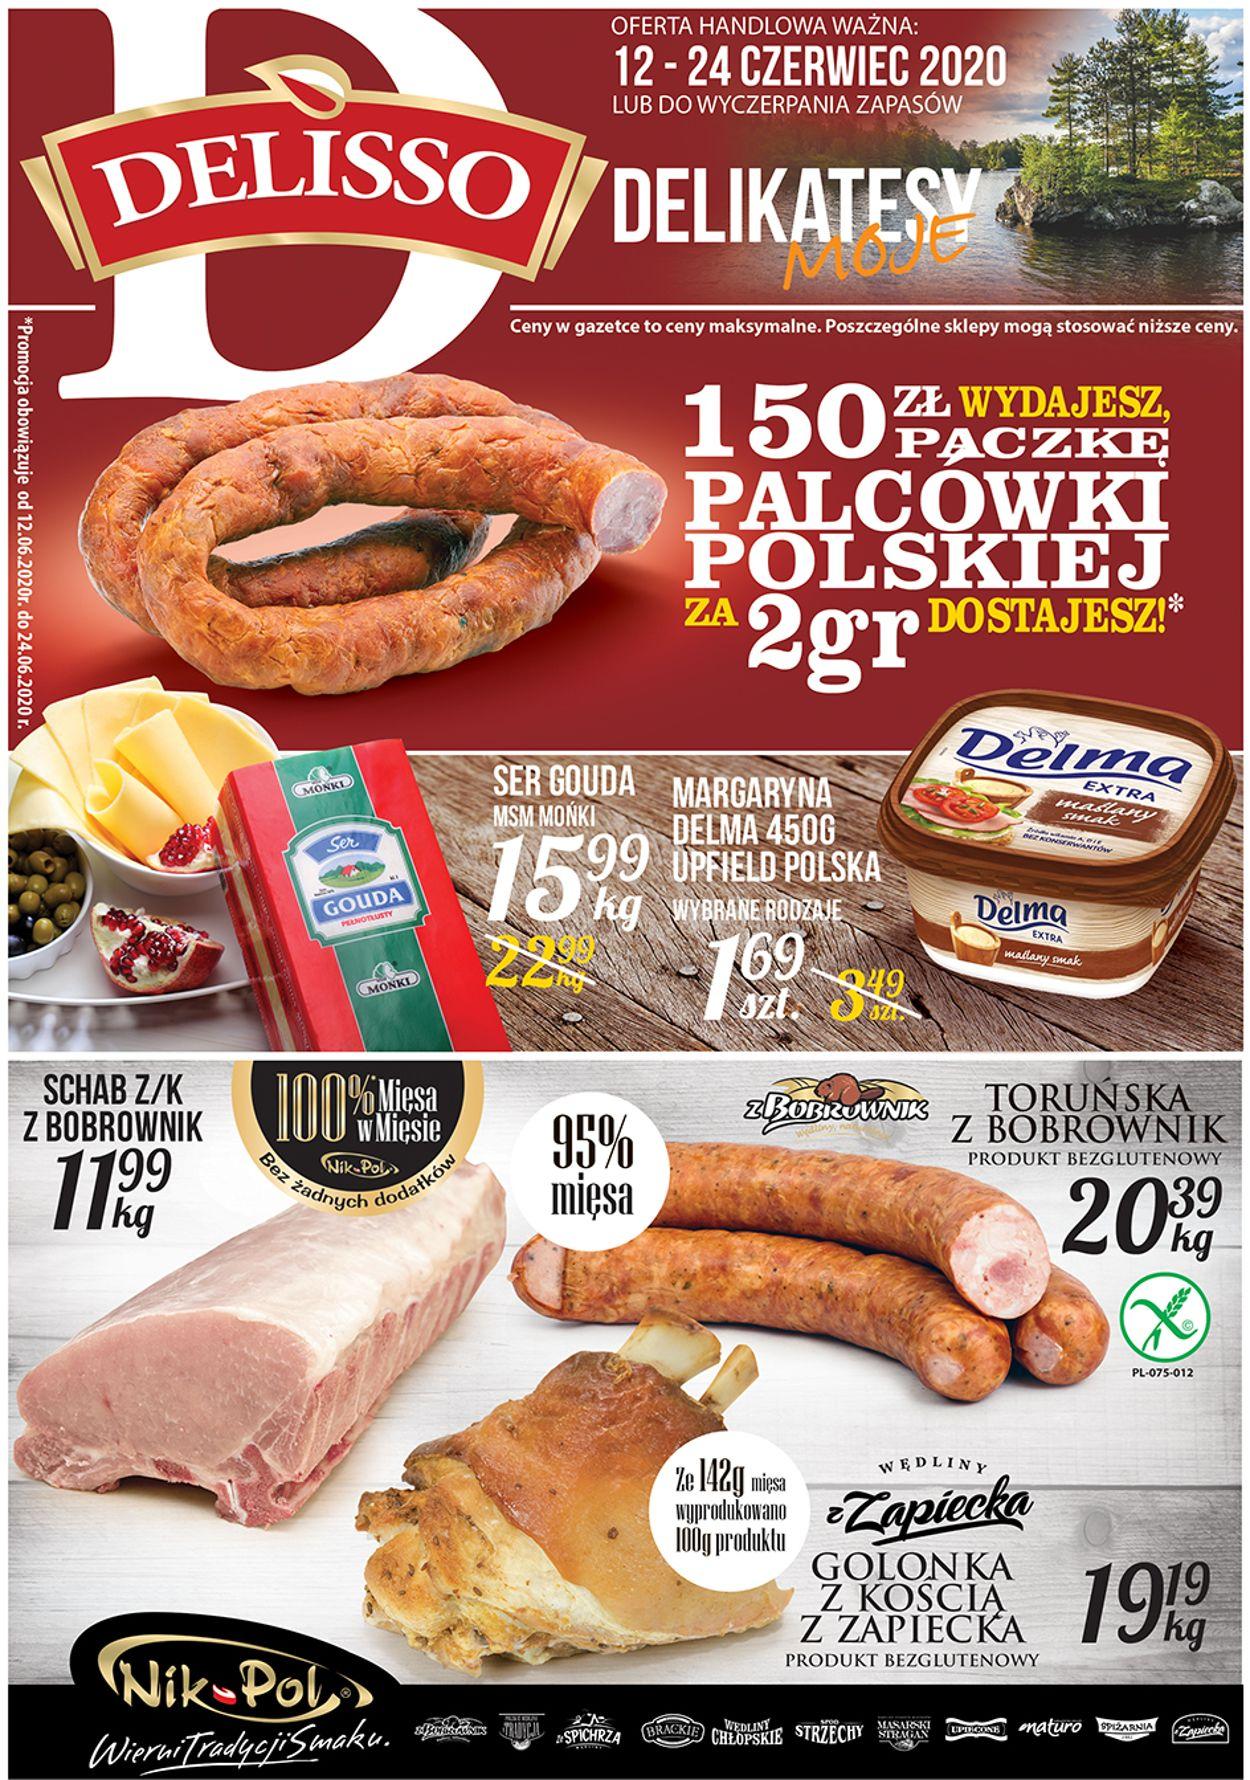 Gazetka promocyjna Delisso - 12.06-24.06.2020